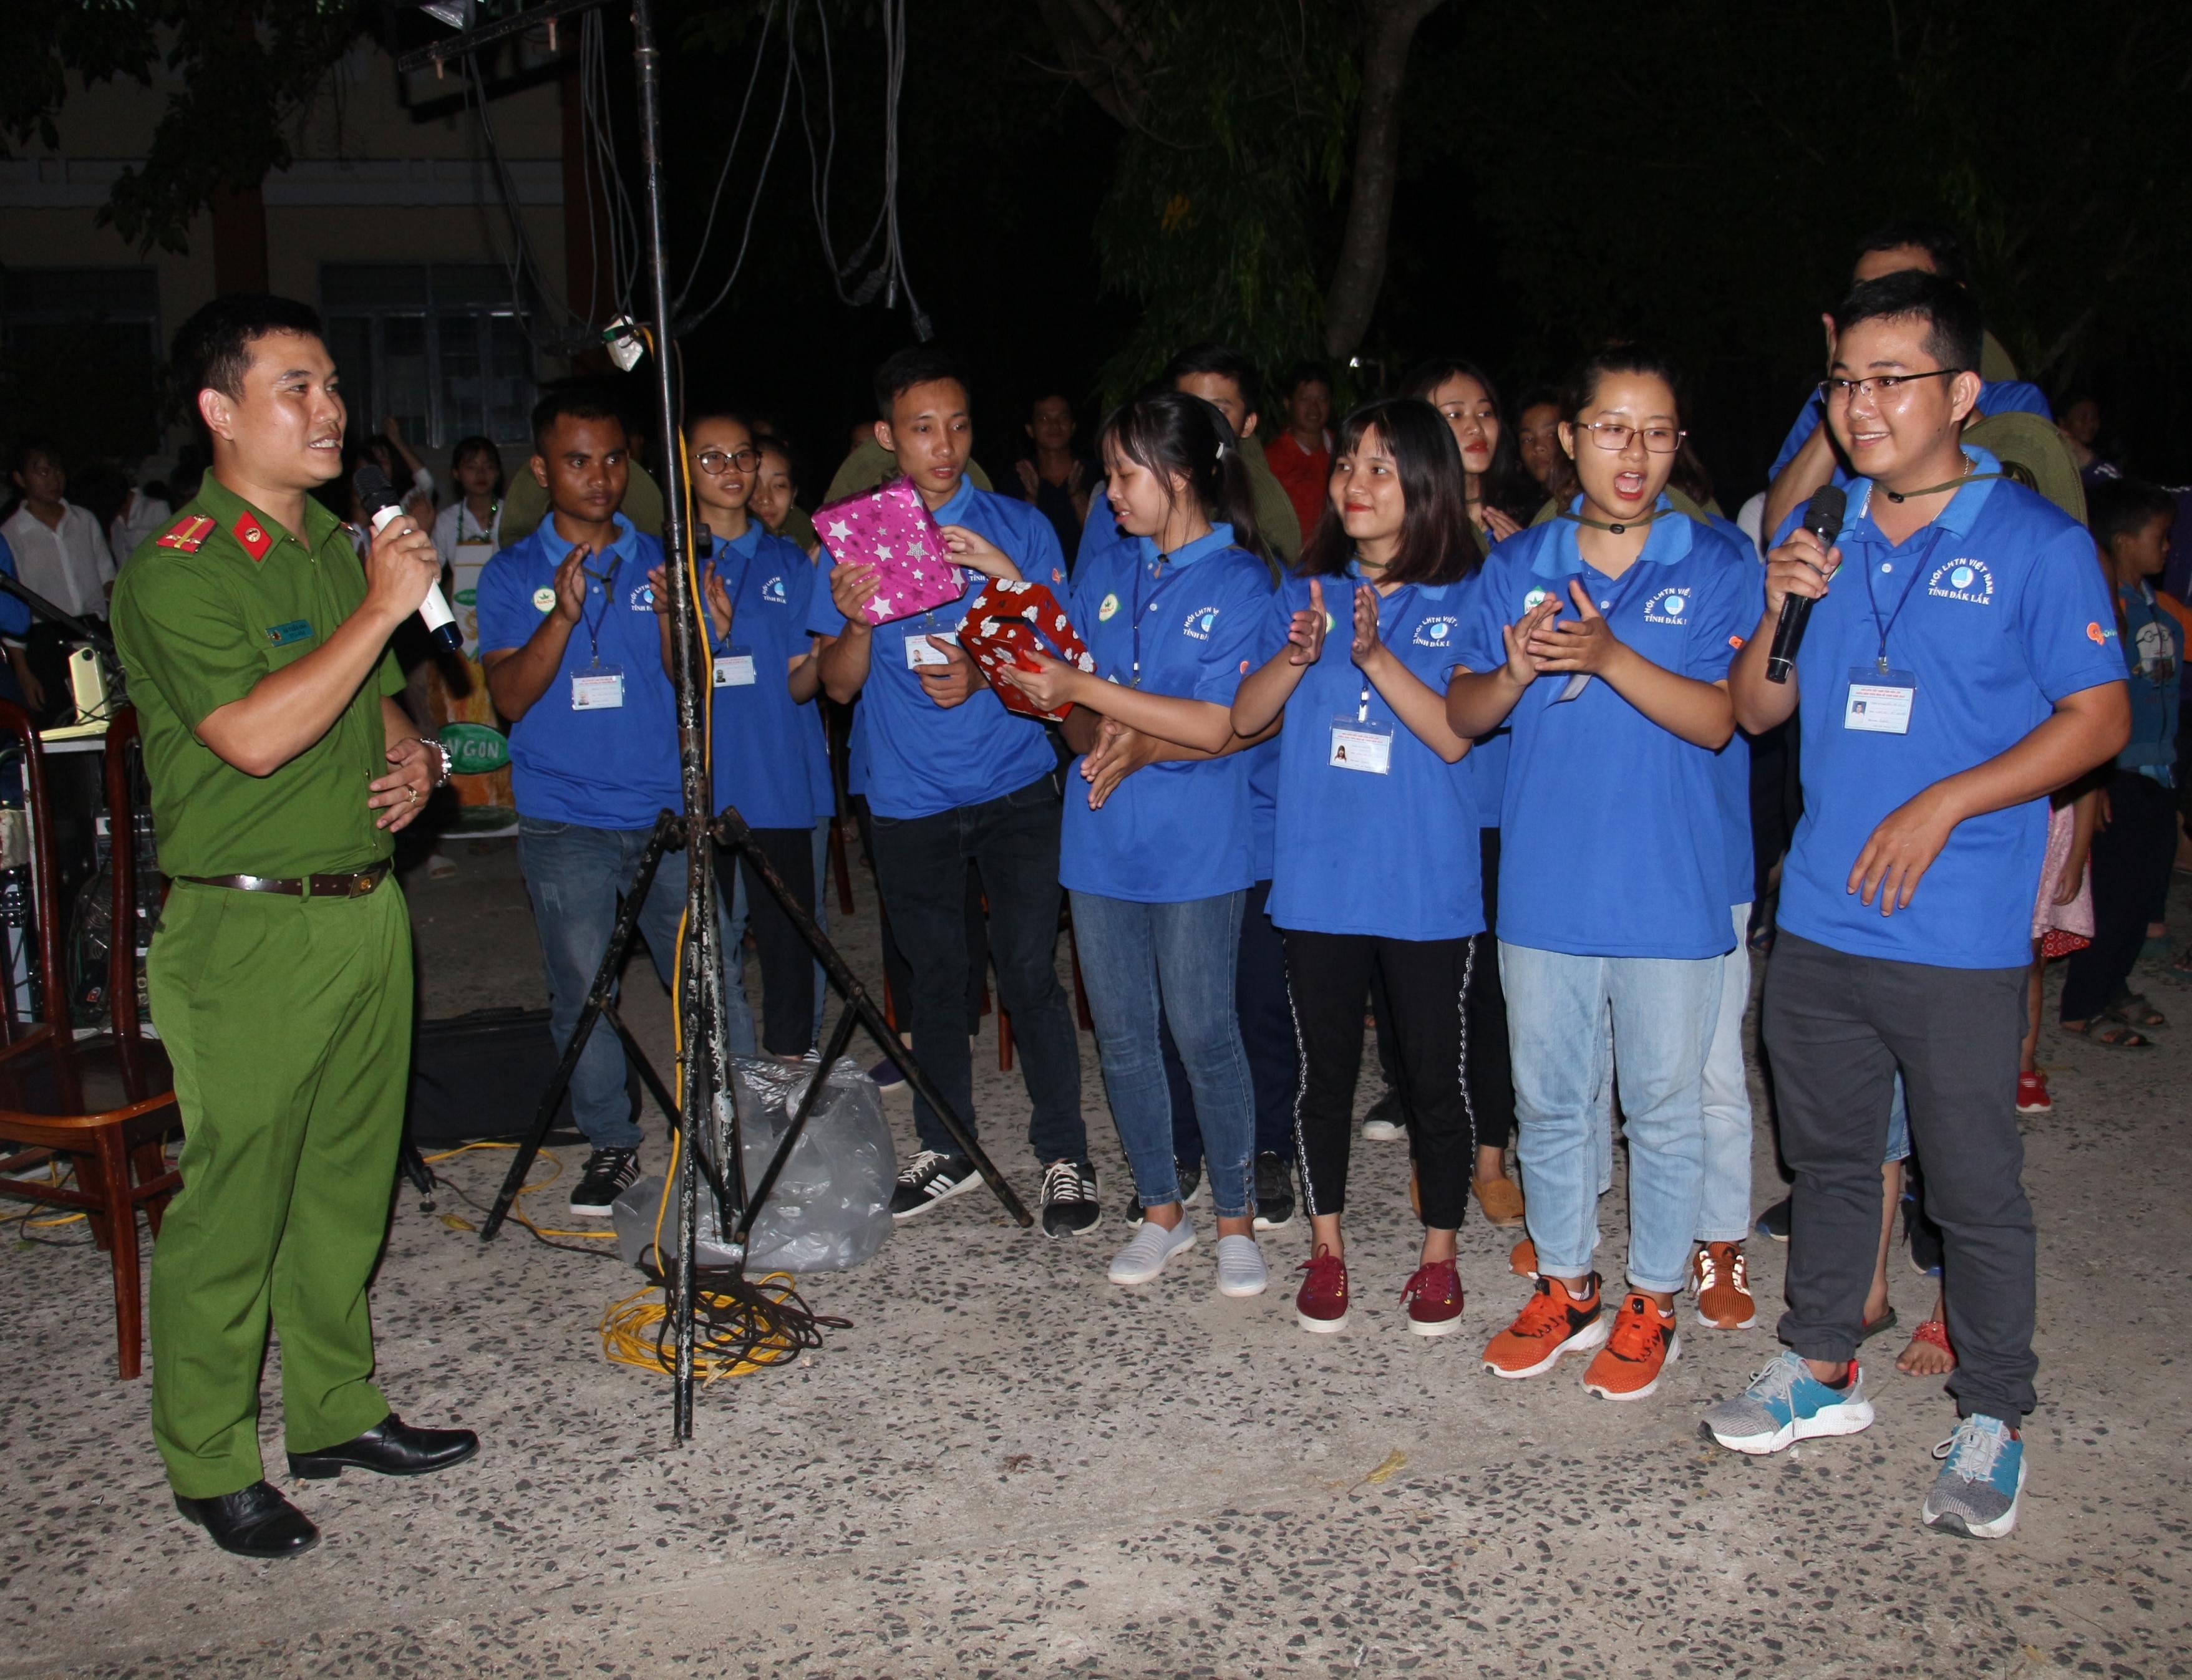 Tuyên truyền ca khúc cách mạng và phổ biến, giáo dục pháp luật trong chiến dịch Mùa hè xanh 2019